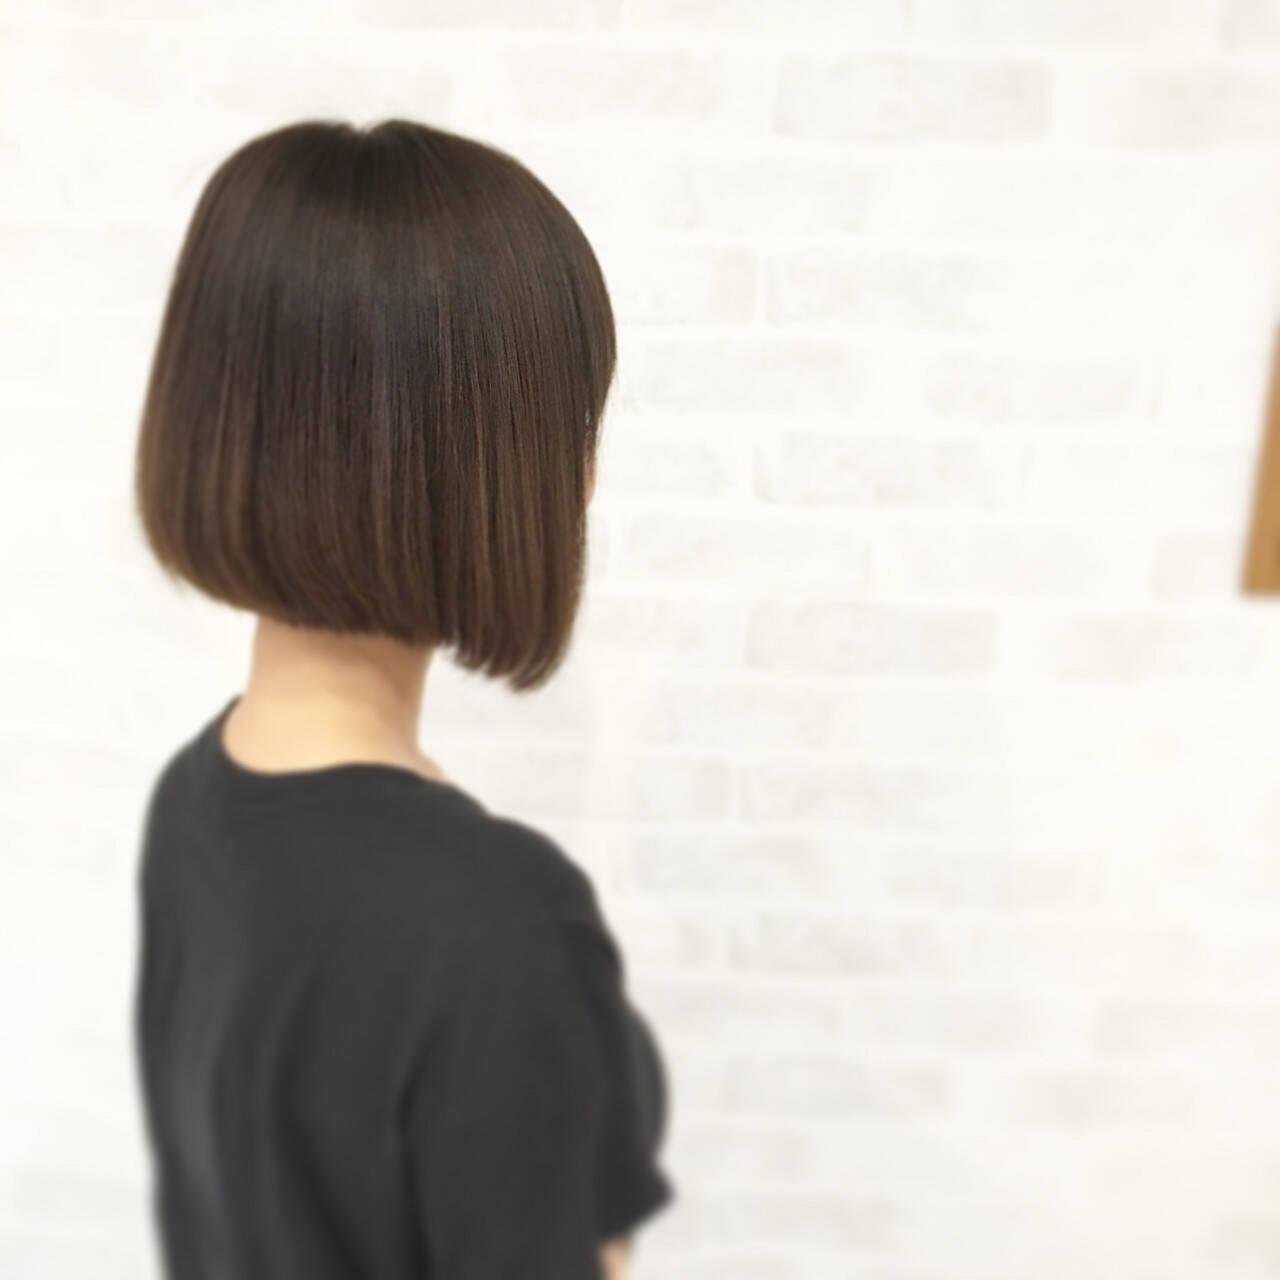 ナチュラル ストレート アッシュ ボブヘアスタイルや髪型の写真・画像